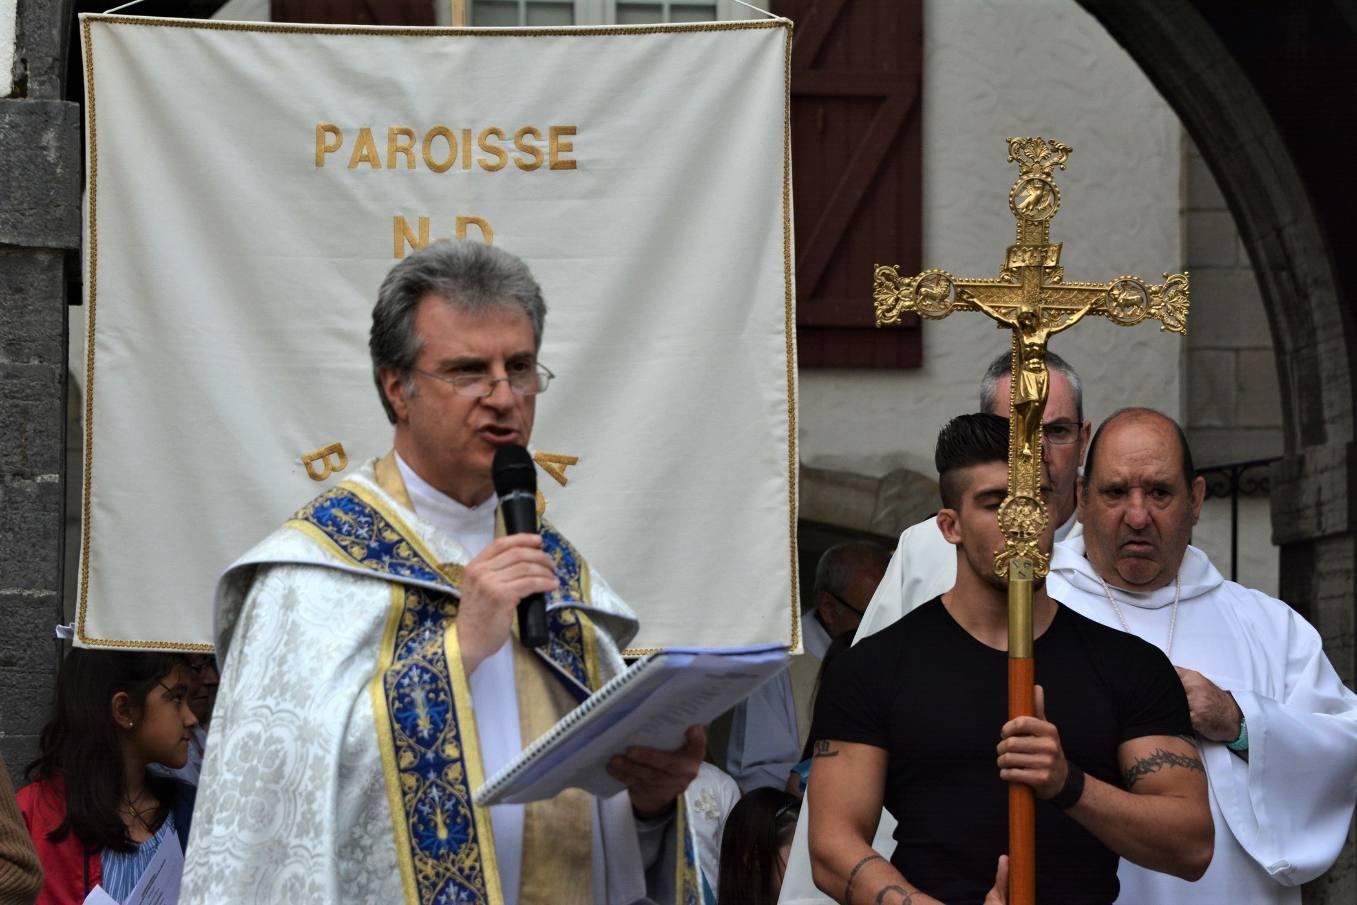 Johan s'est dit très honoré de porter la Croix